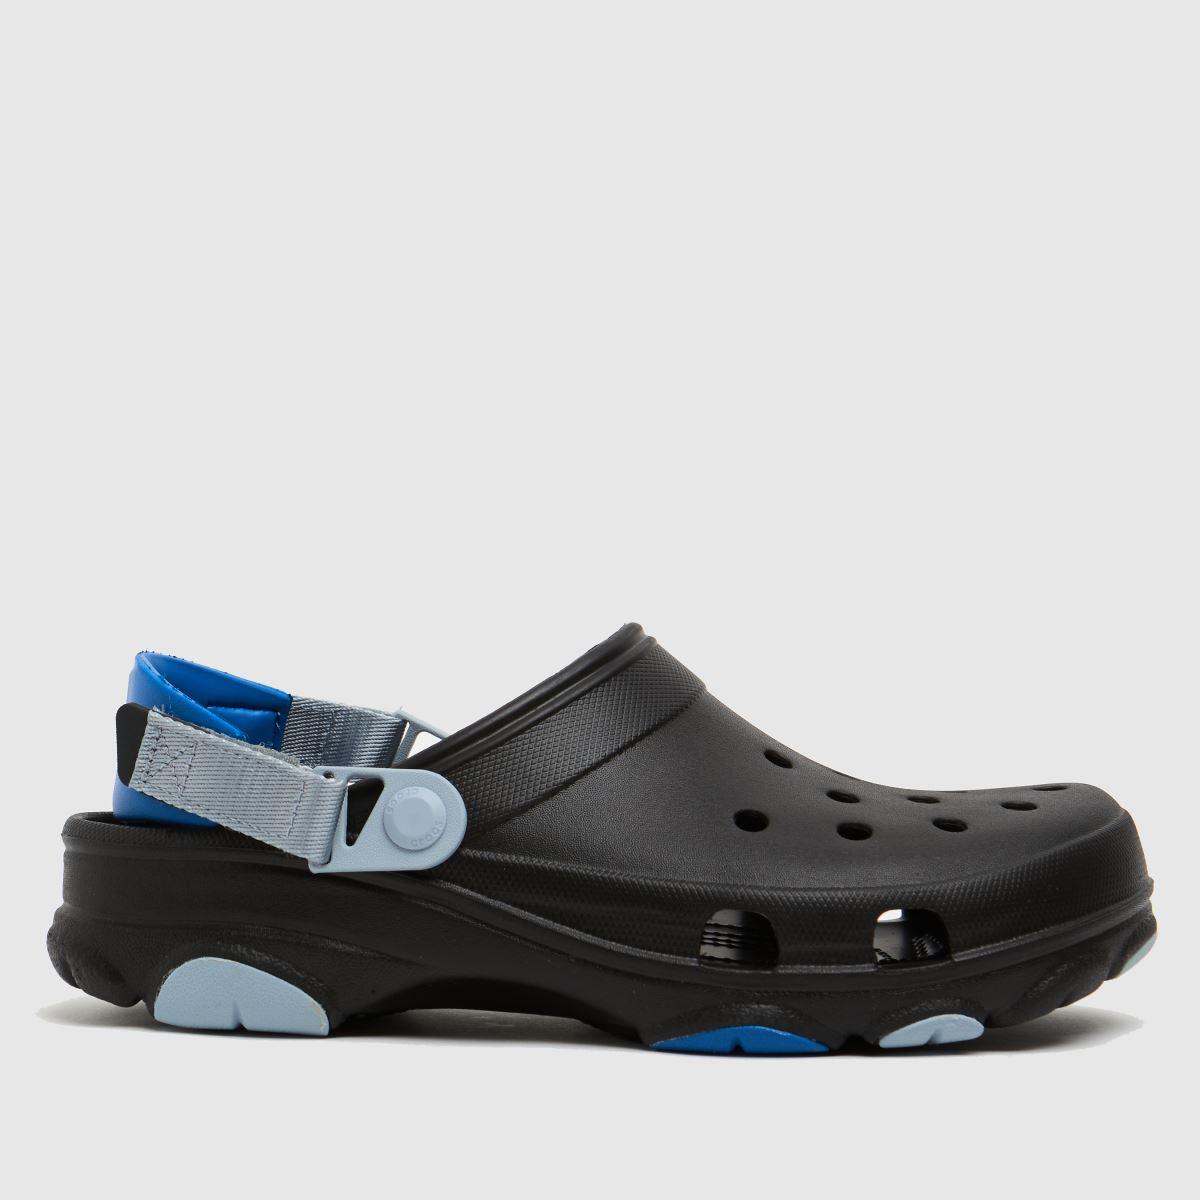 Crocs Black Classic All Terrain Sandals